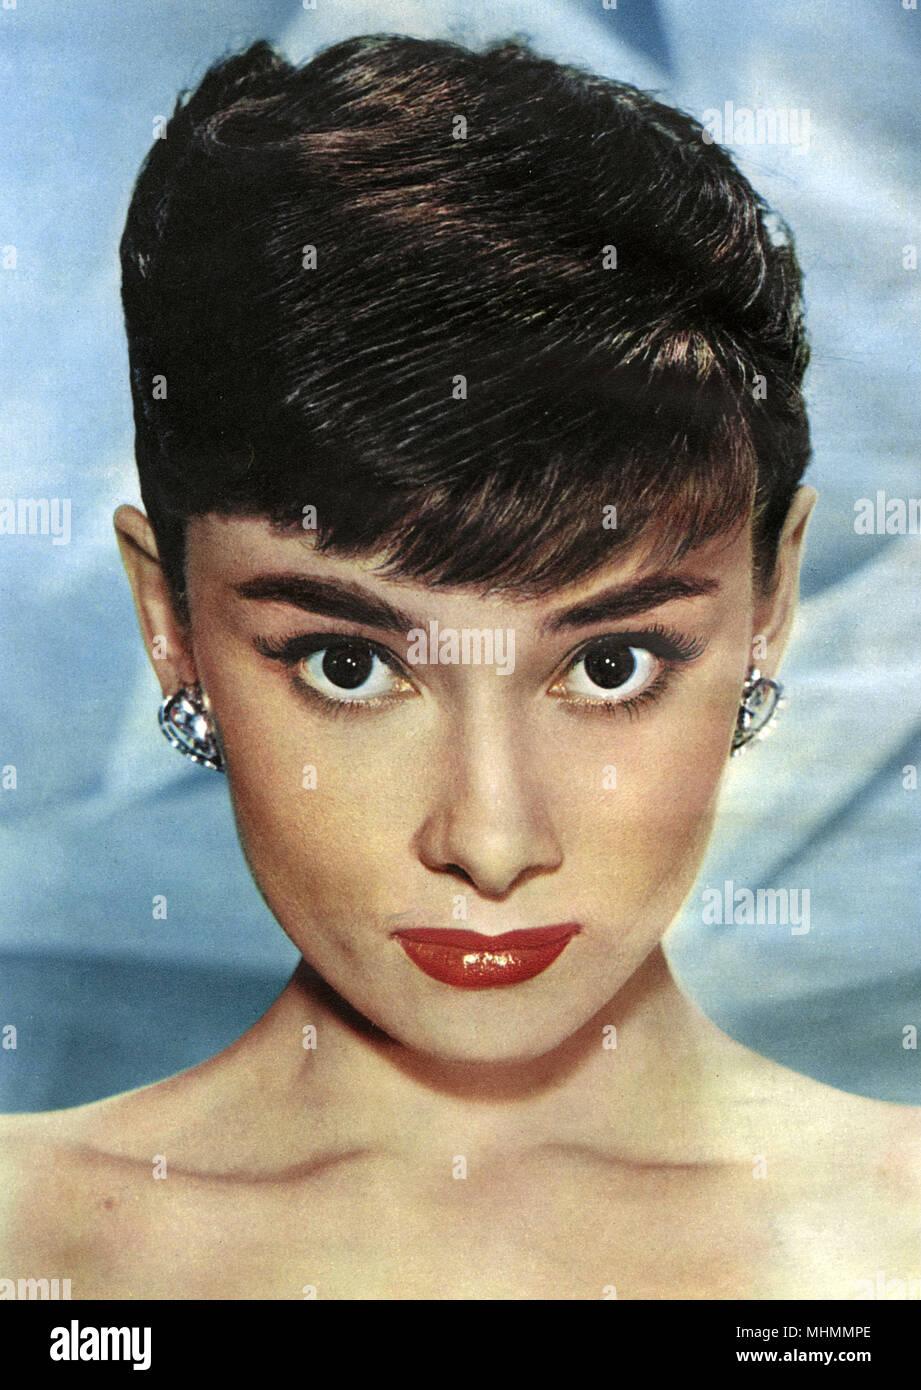 American actress Audrey Hepburn (1929-1993), Belgian-born actress of Irish- Dutch parentage, Hollywood film actress     Date: 1944-1955 - Stock Image